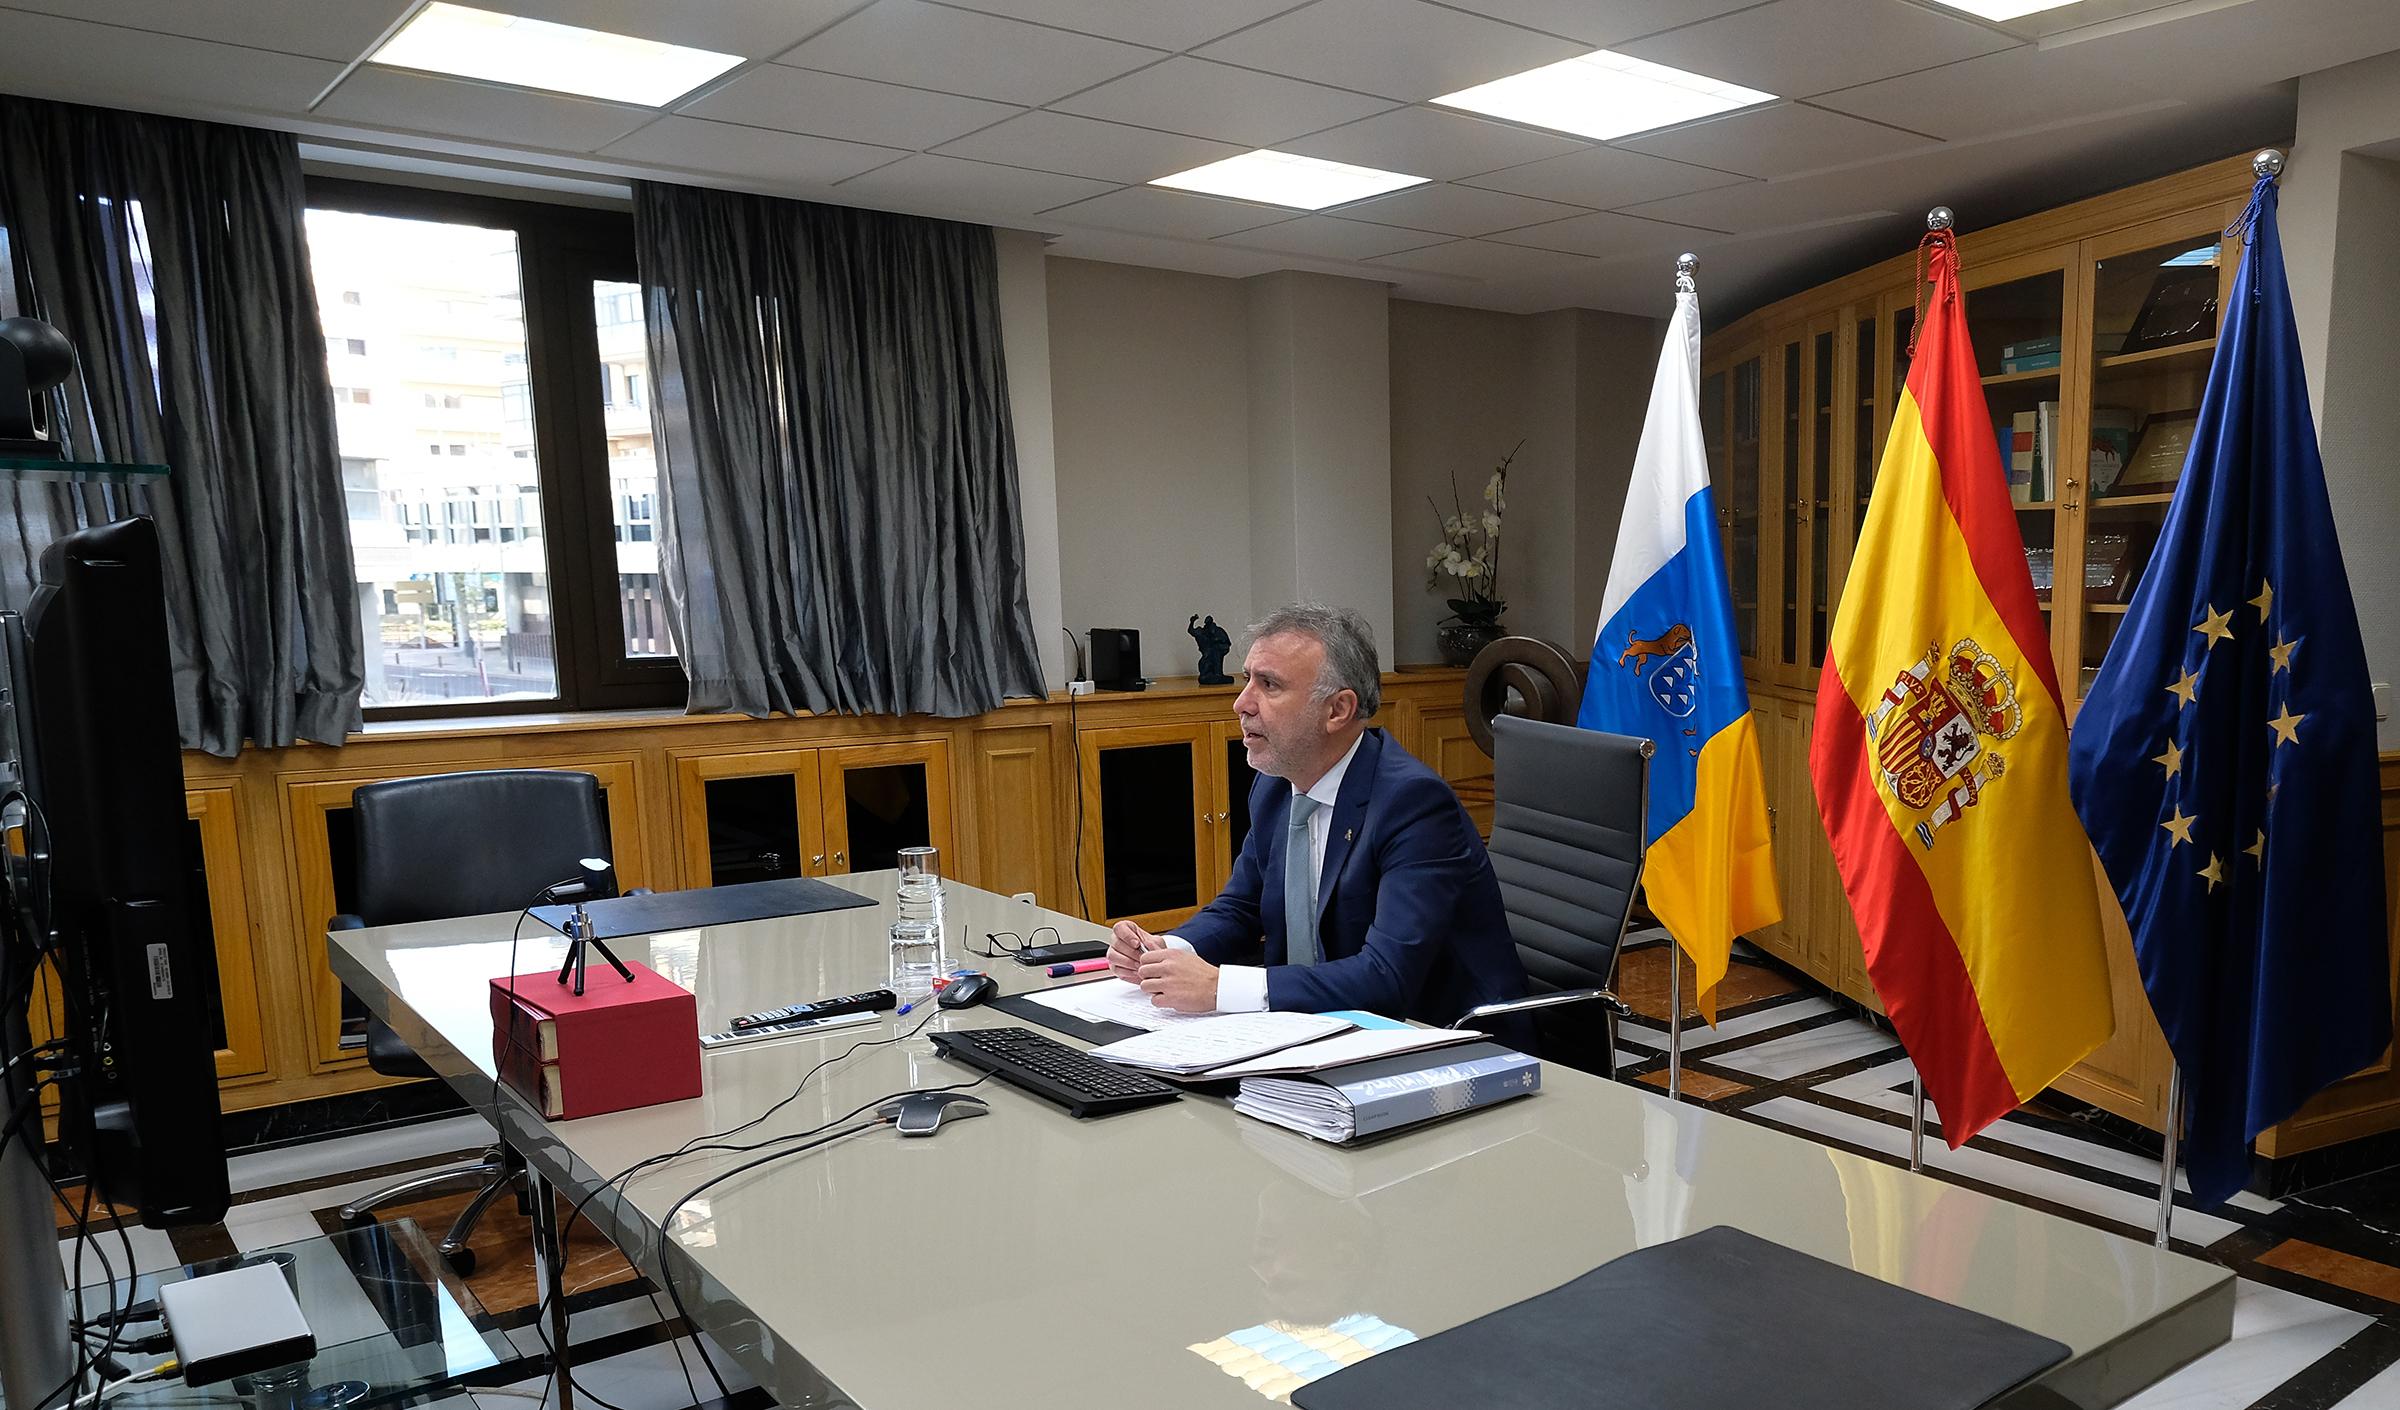 Ángel Víctor Torres preside un nuevo encuentro con los alcaldes de las ciudades más pobladas de Canarias